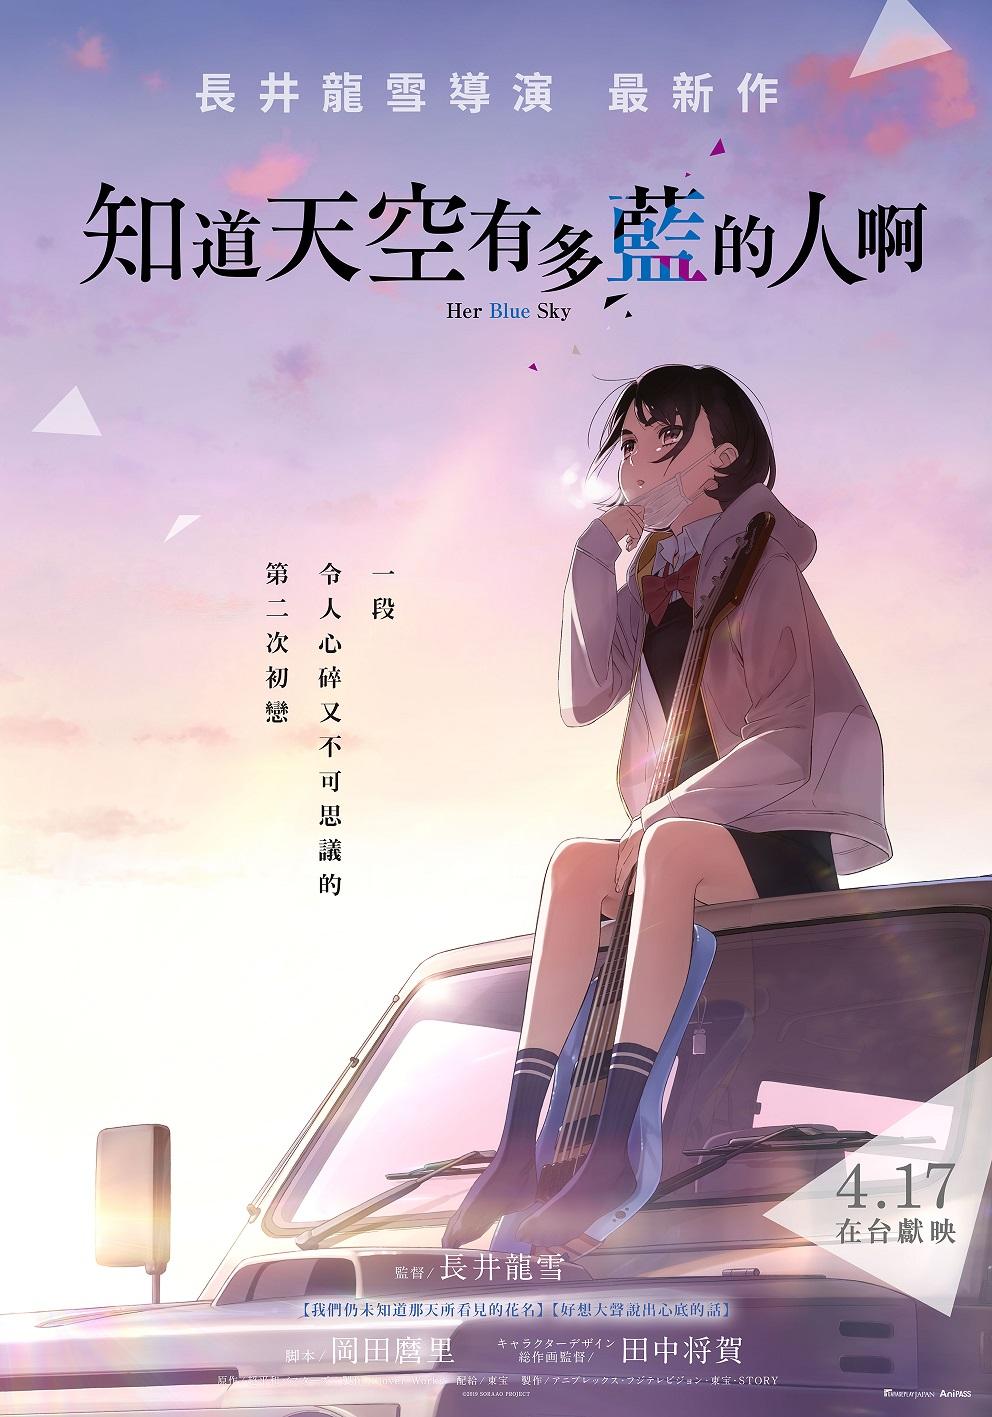 《知道天空有多藍的人啊》吉澤亮自曝高中時代是魯蛇 超愛咒罵「人生勝利組」!